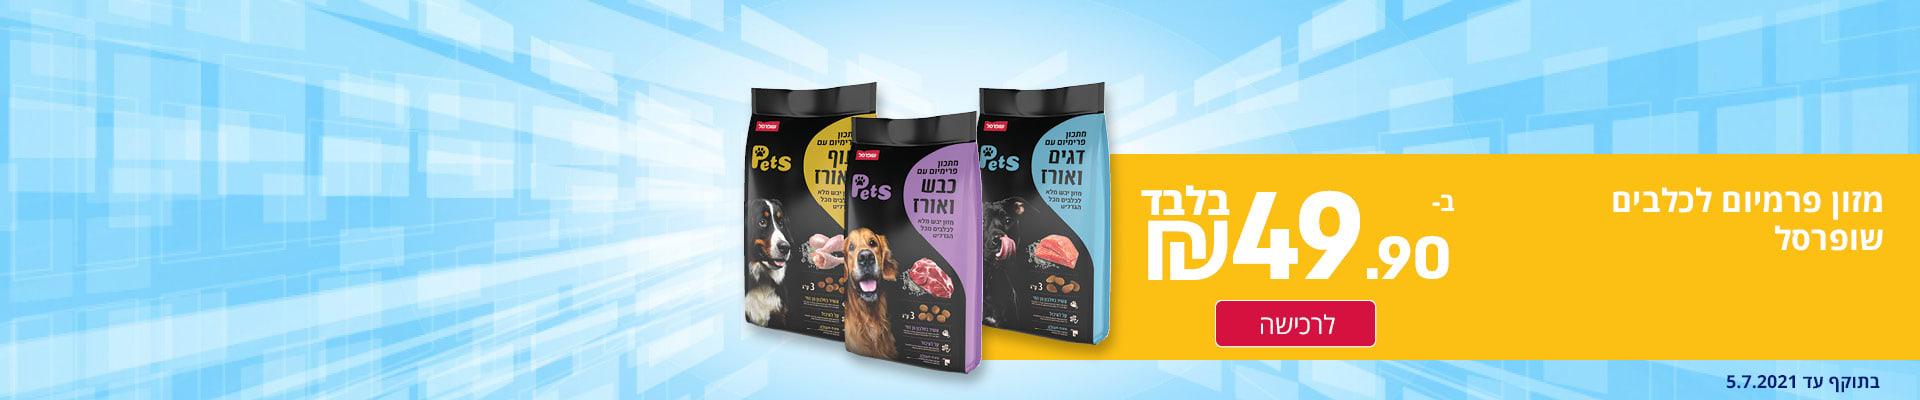 מזון פרמיום לכלבים שופרסל ב- 49.90 ₪ בלבד לרכישה לרכישה בתוקף עד 5.7.2021